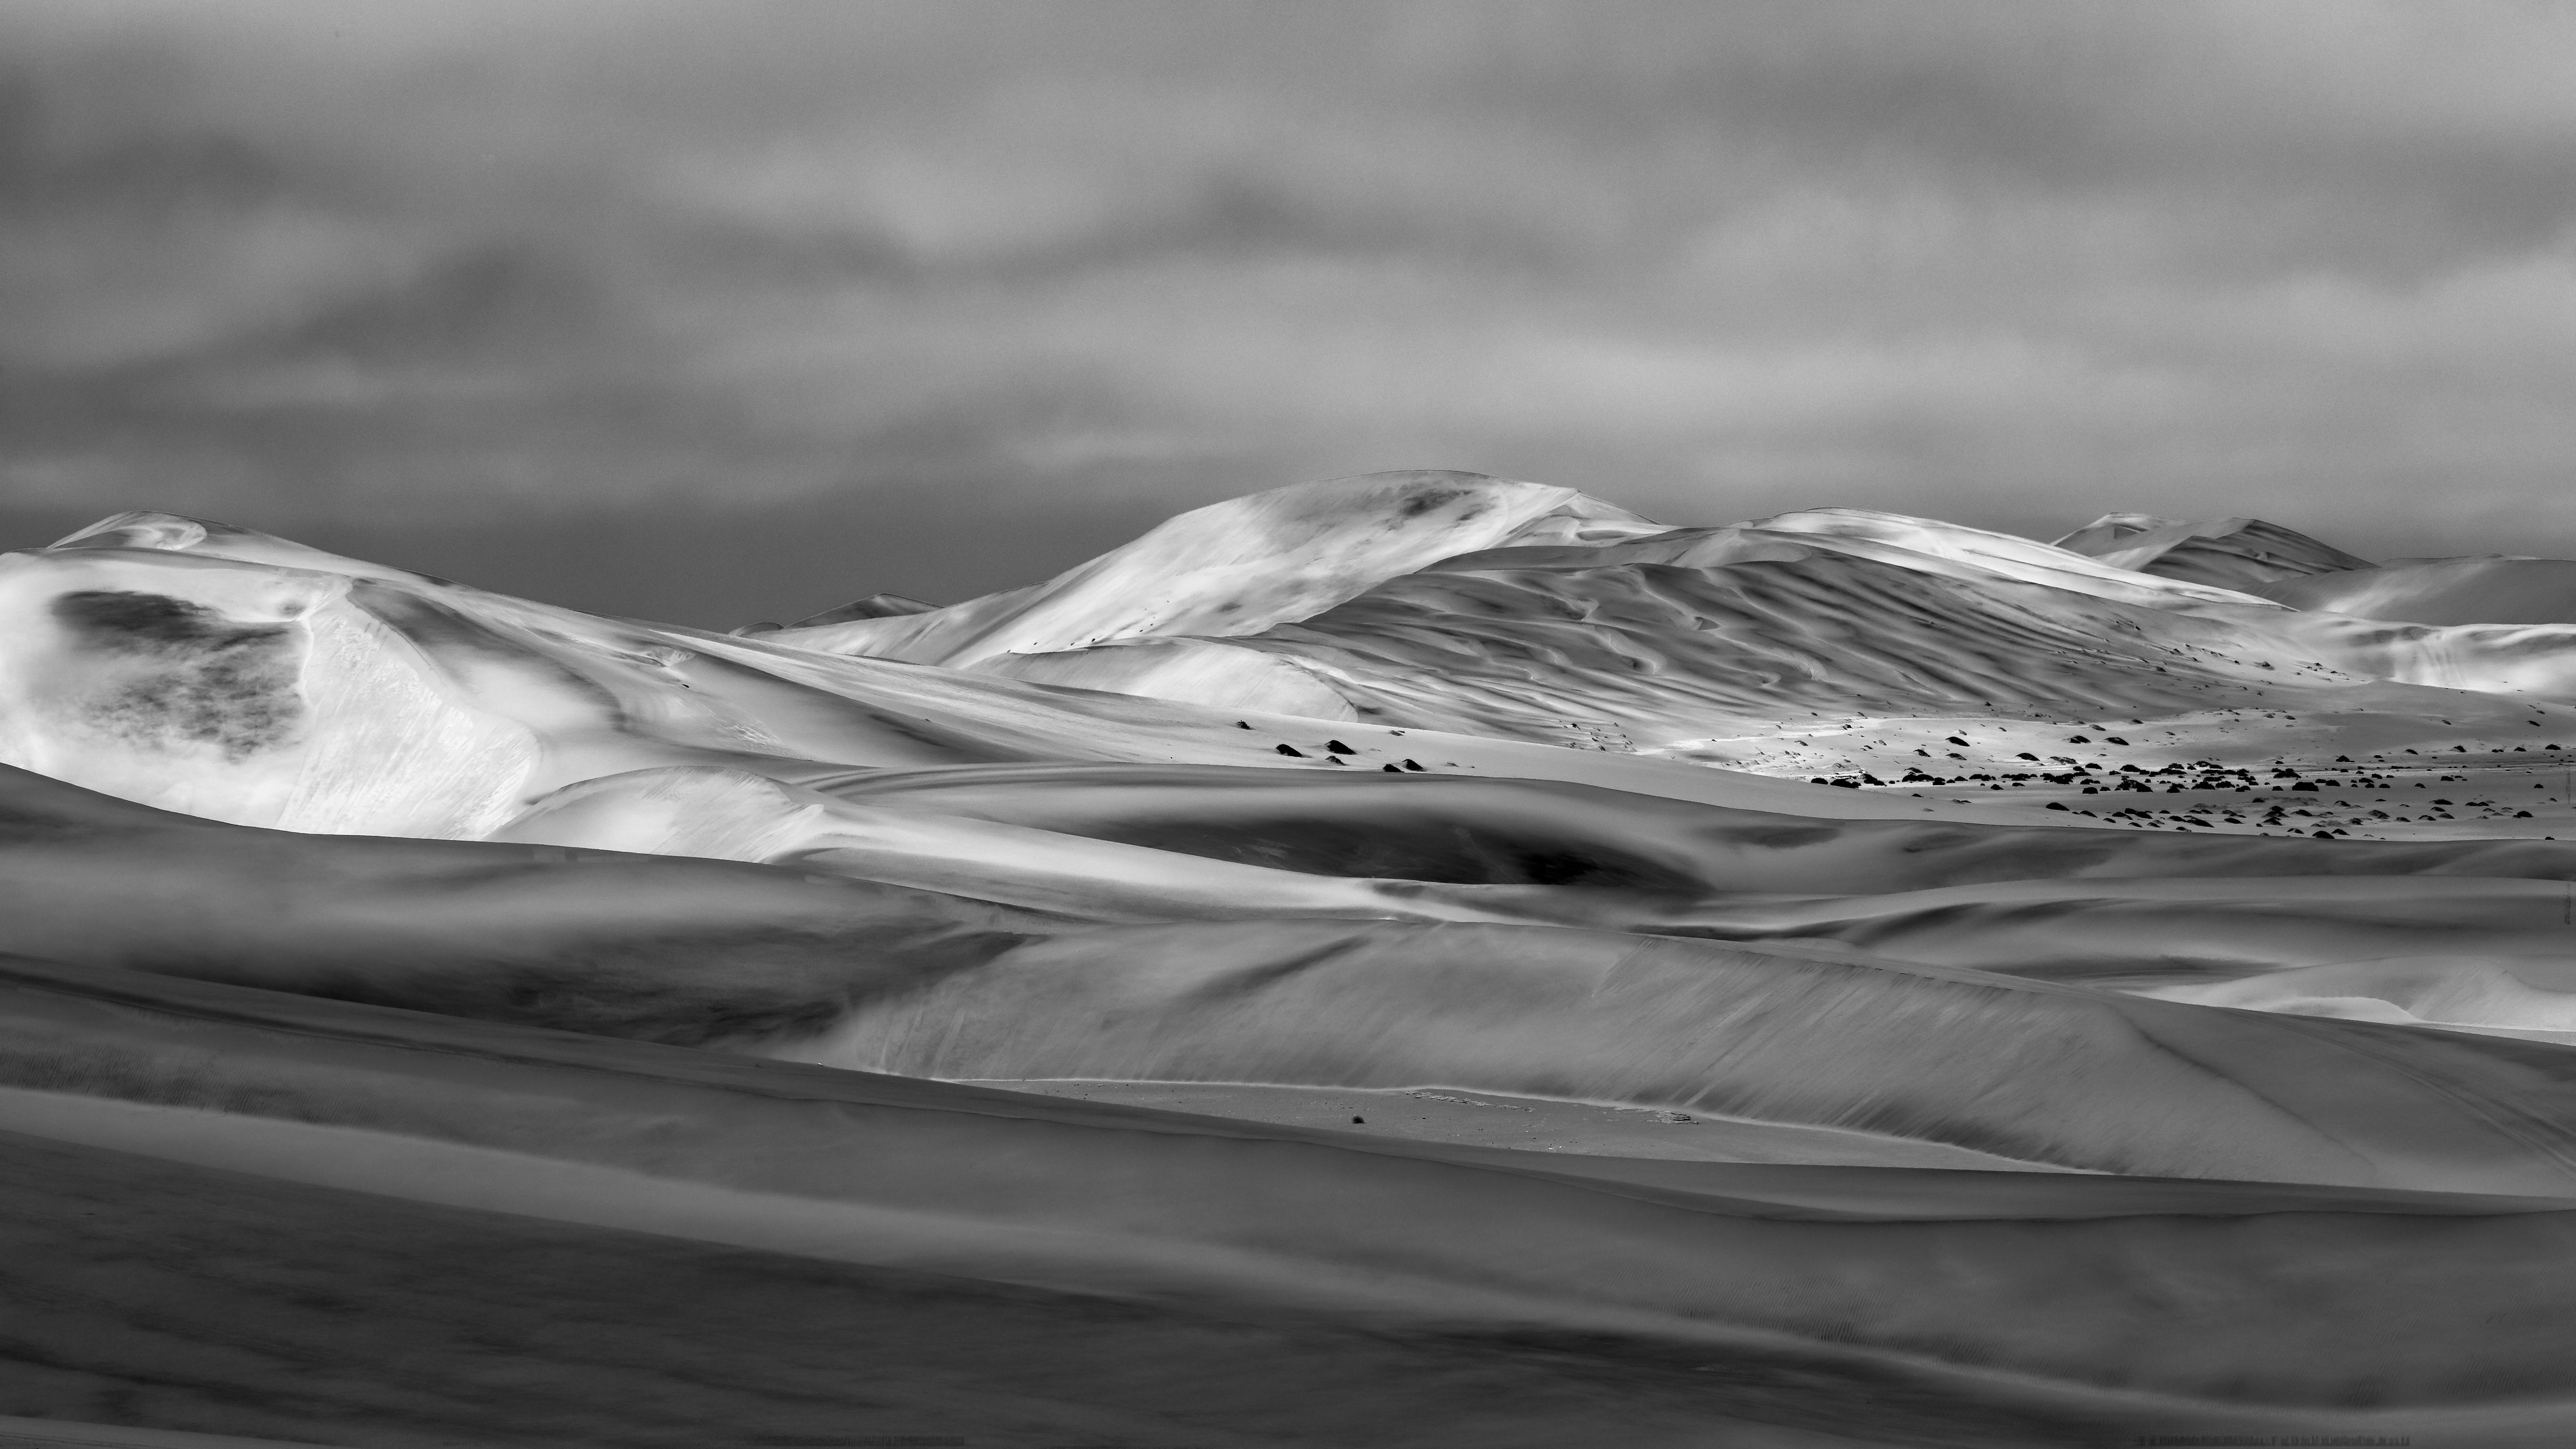 Morgens_in_der_Weißen_Namib